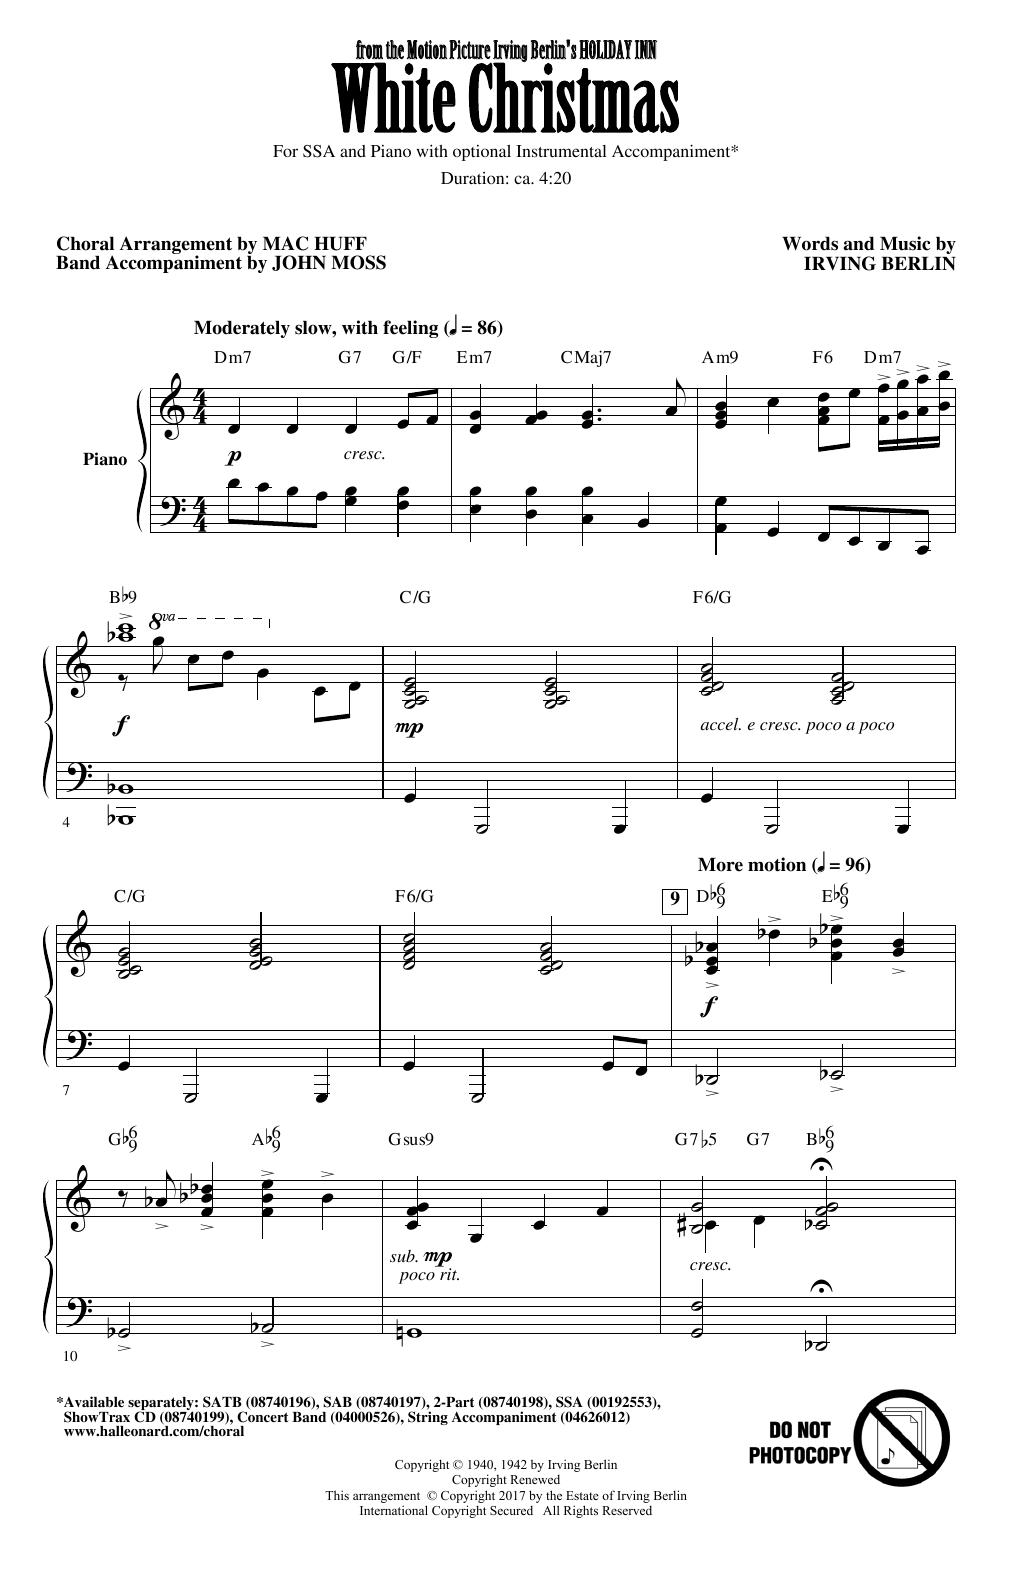 White Christmas (arr. Mac Huff) Sheet Music | Irving Berlin | SSA Choir